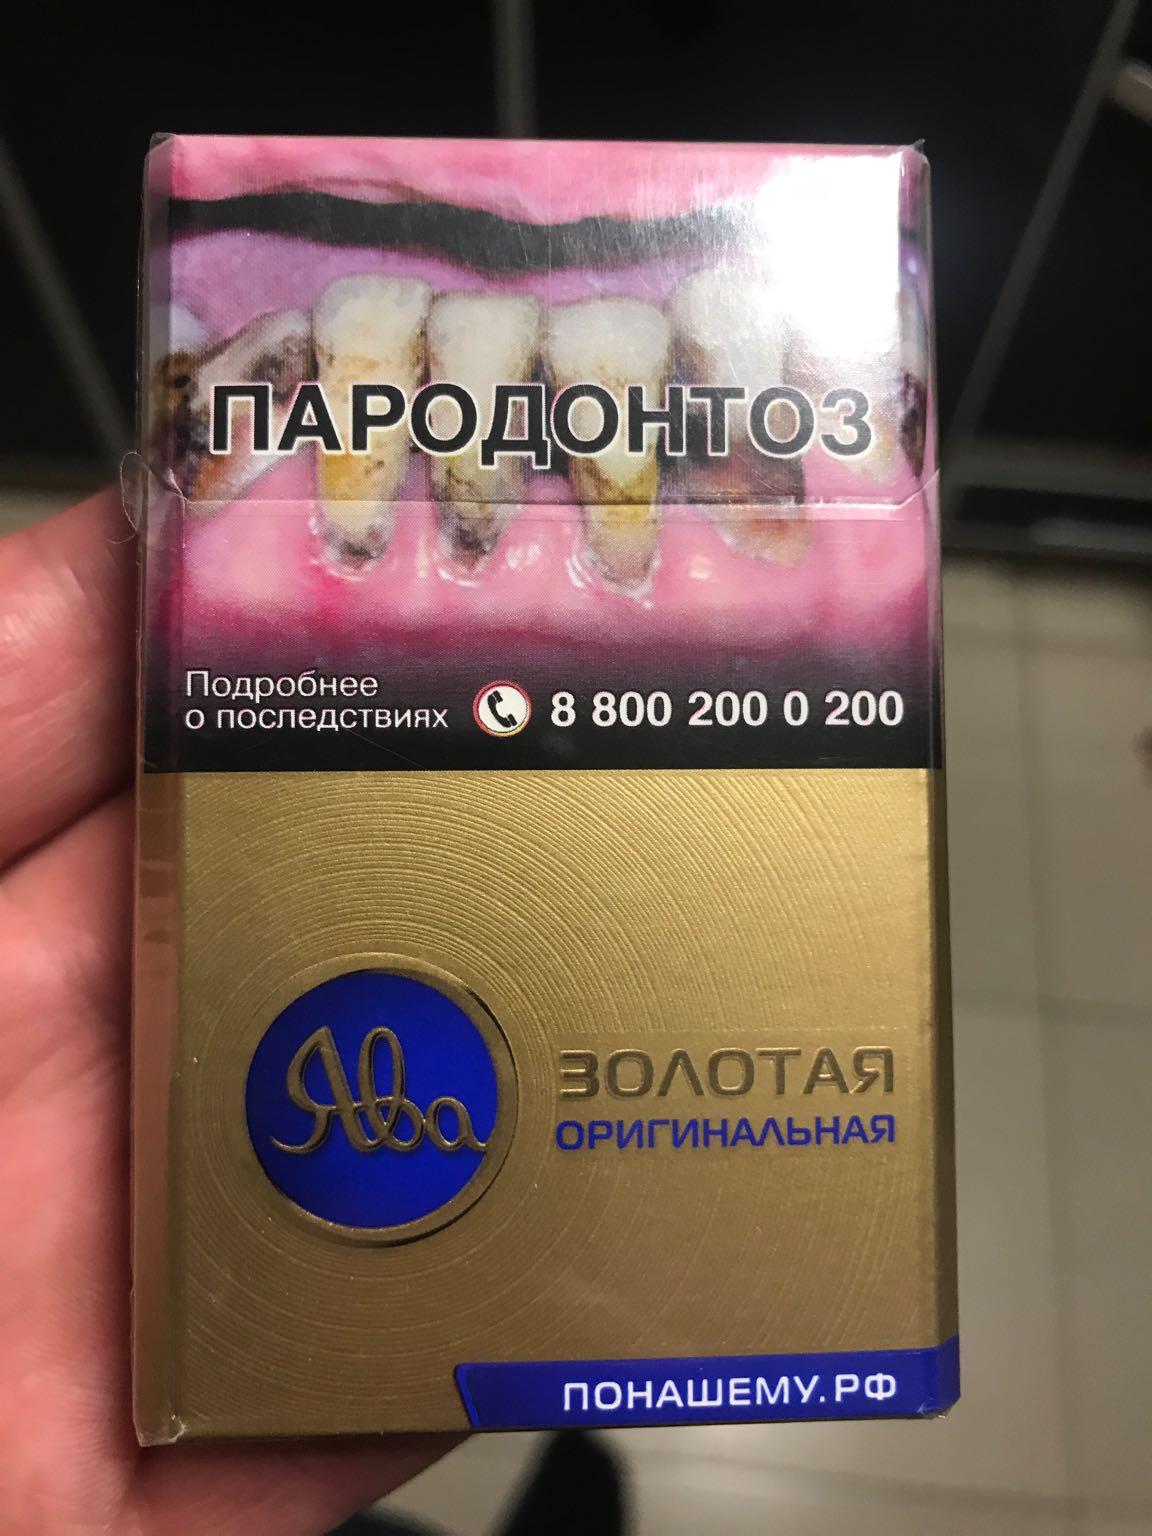 Ява золотая сигареты цена оптом доставка одноразовых электронных сигарет спб